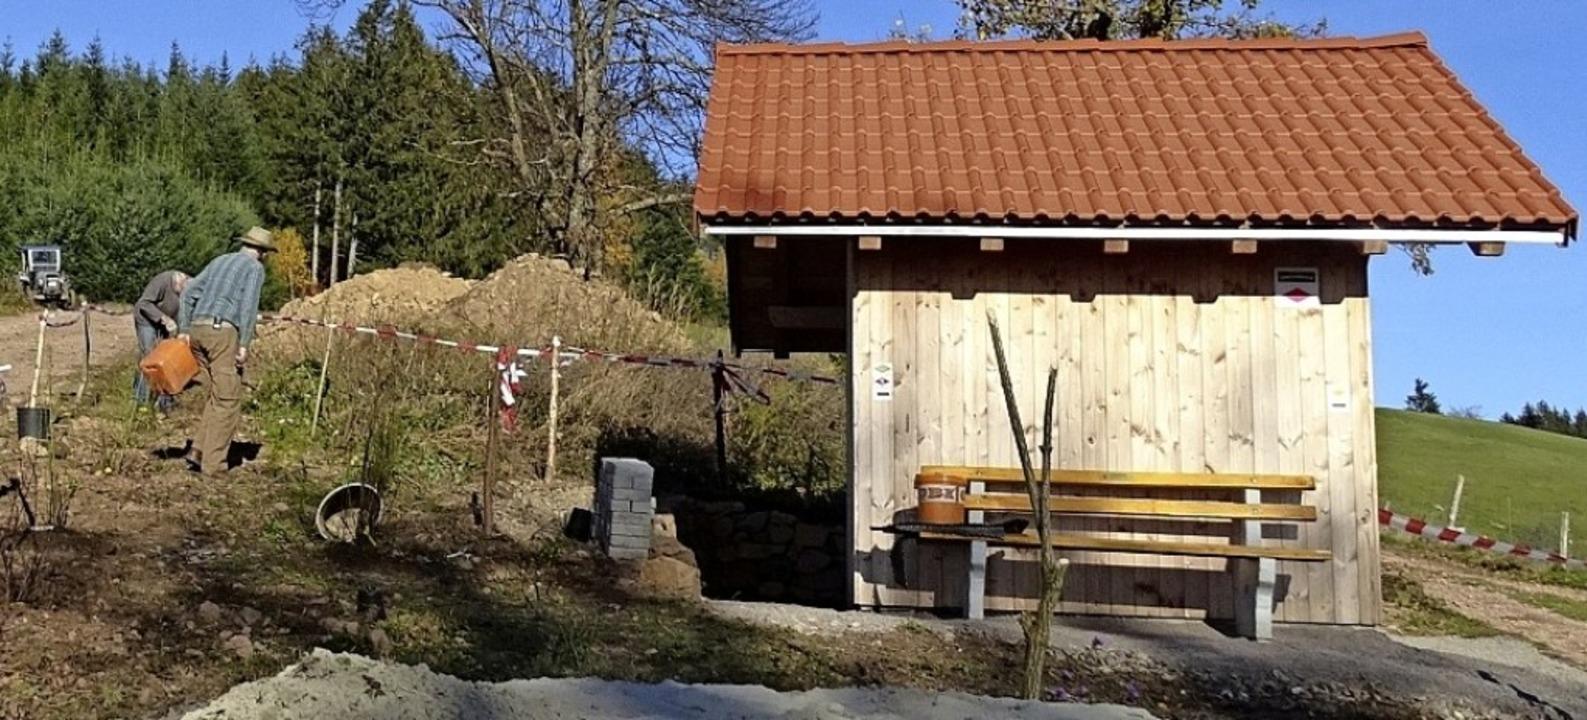 Erst wurde die  Wachteichenhütte herge...#8211; jetzt folgte die Außenanlage.    | Foto: Wolfgang Becker